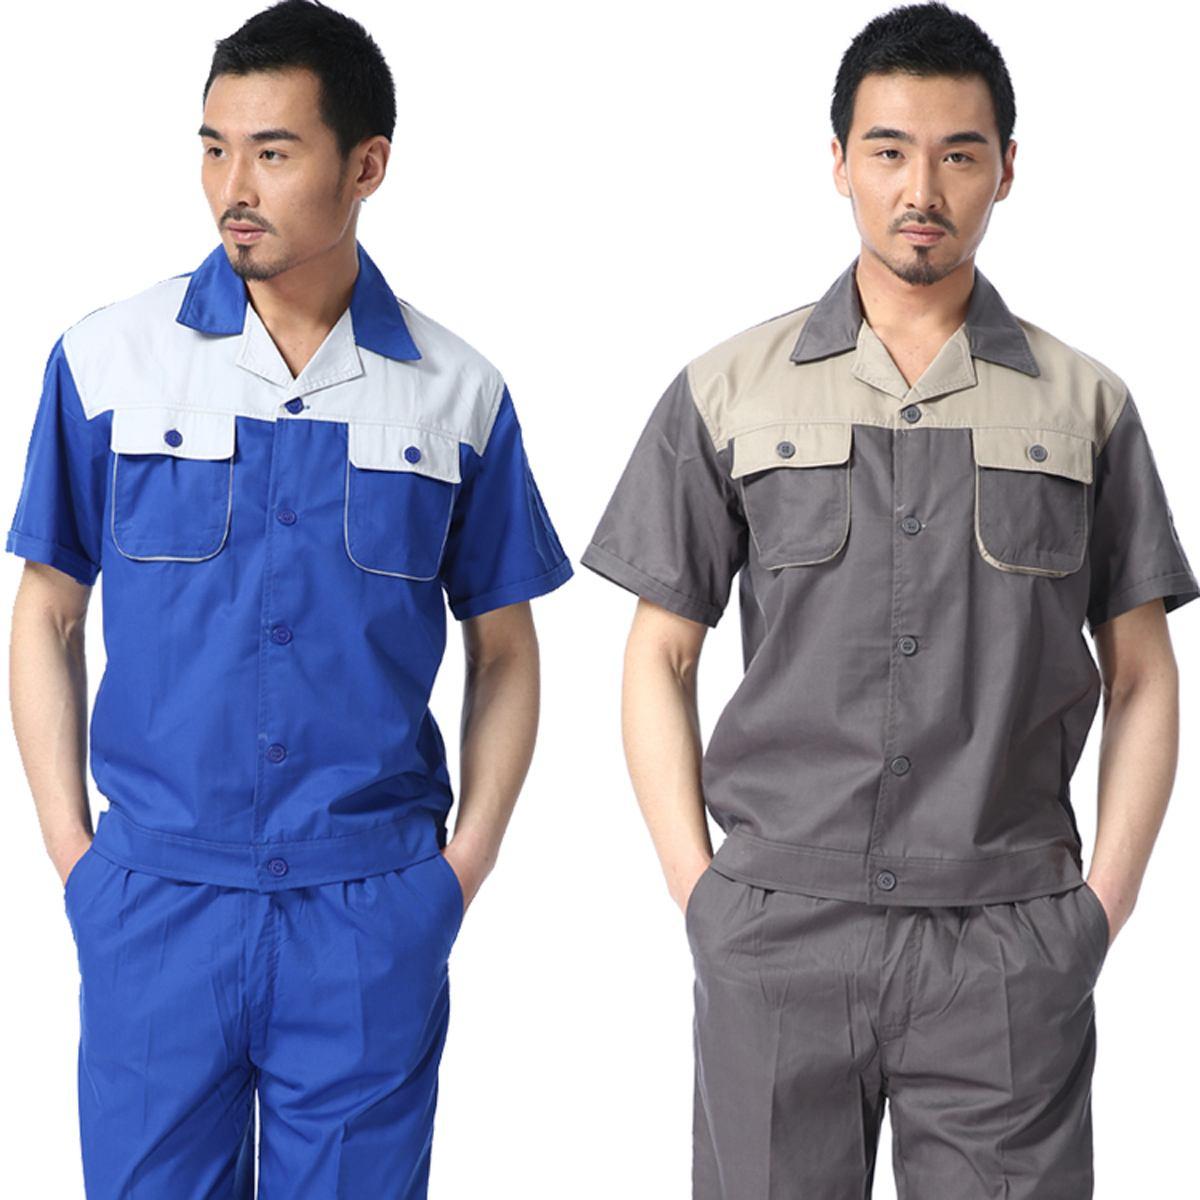 惠州工衣,惠州工衣有哪些分类